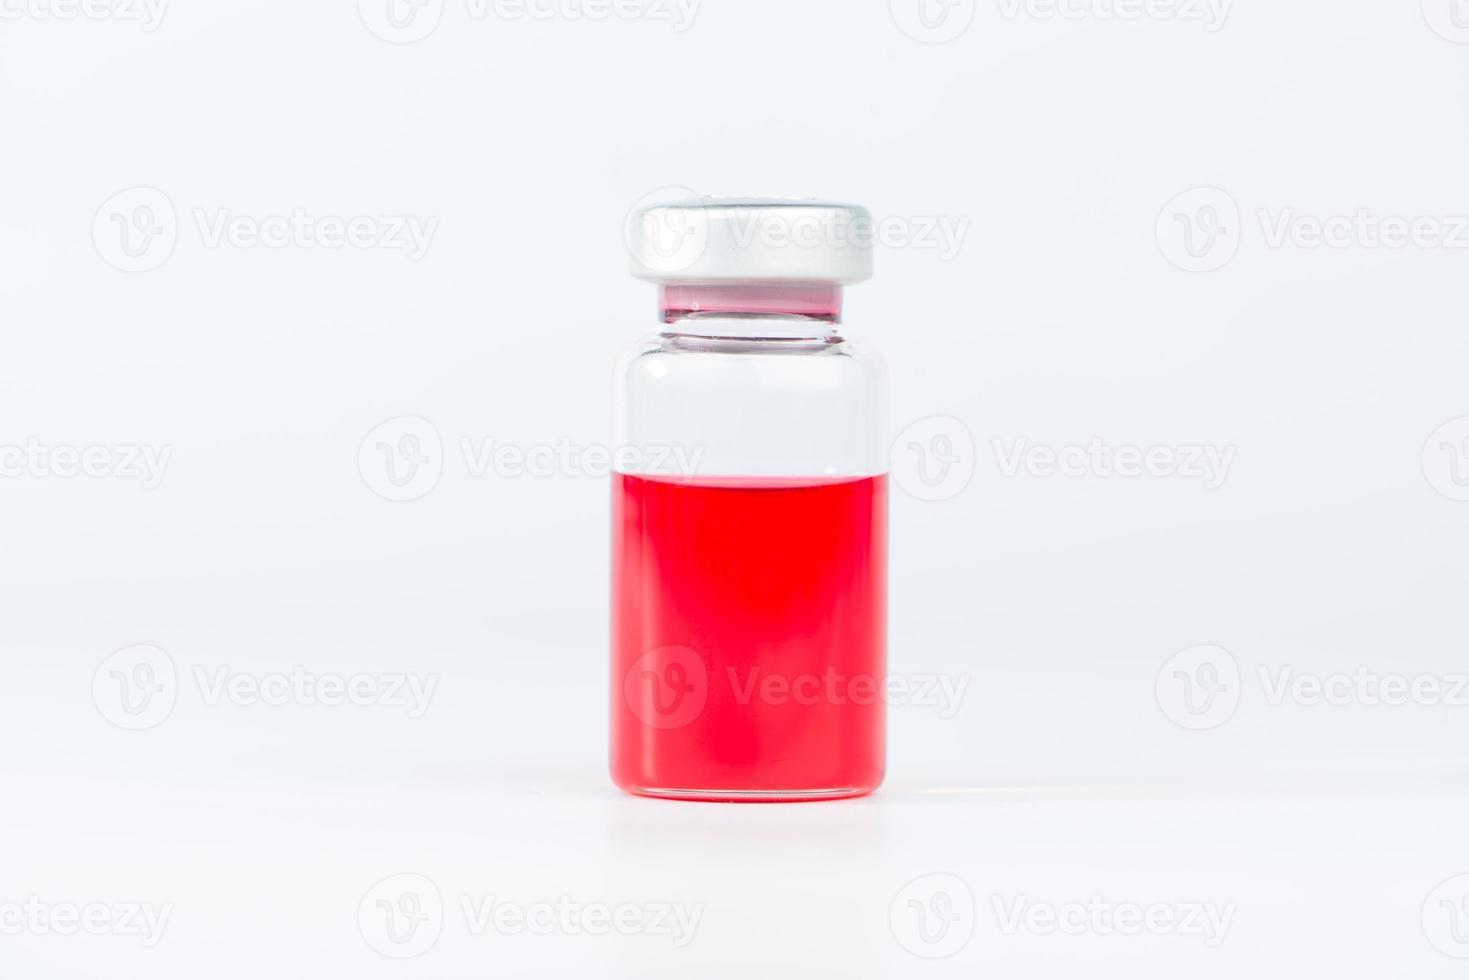 verschlossenes Injektionsfläschchen foto